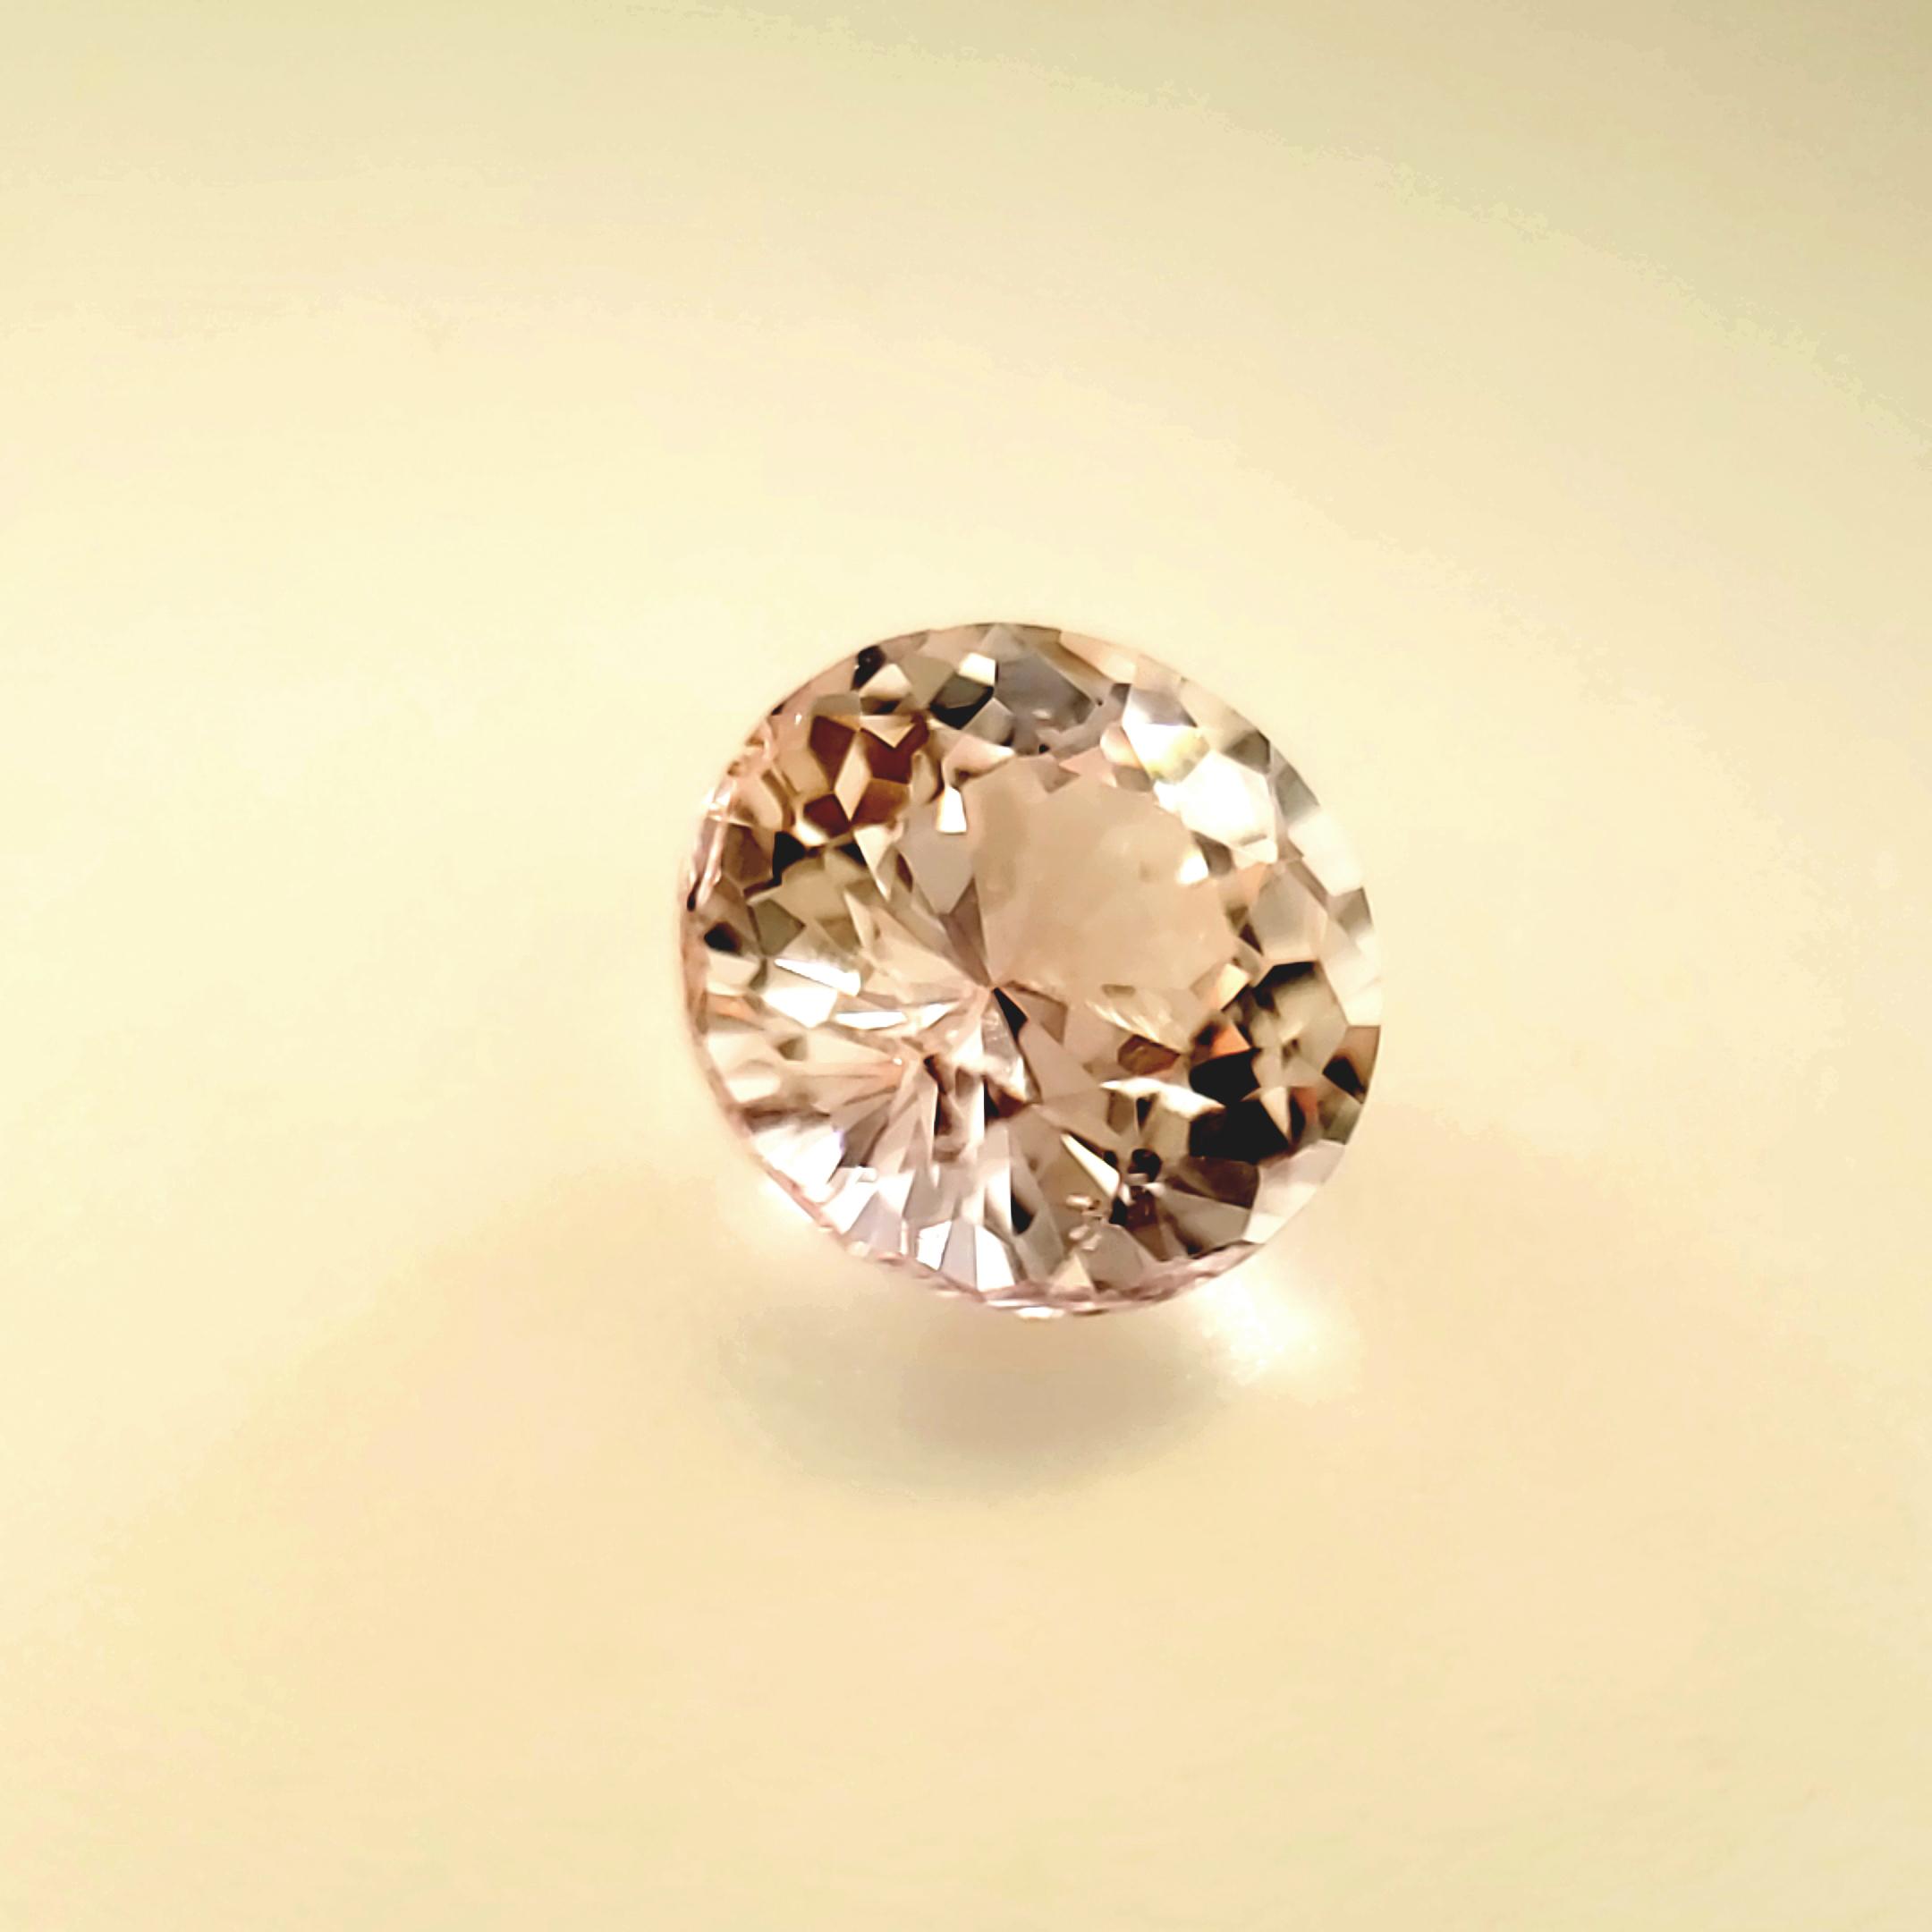 1.04 ct. Yellow Sapphire